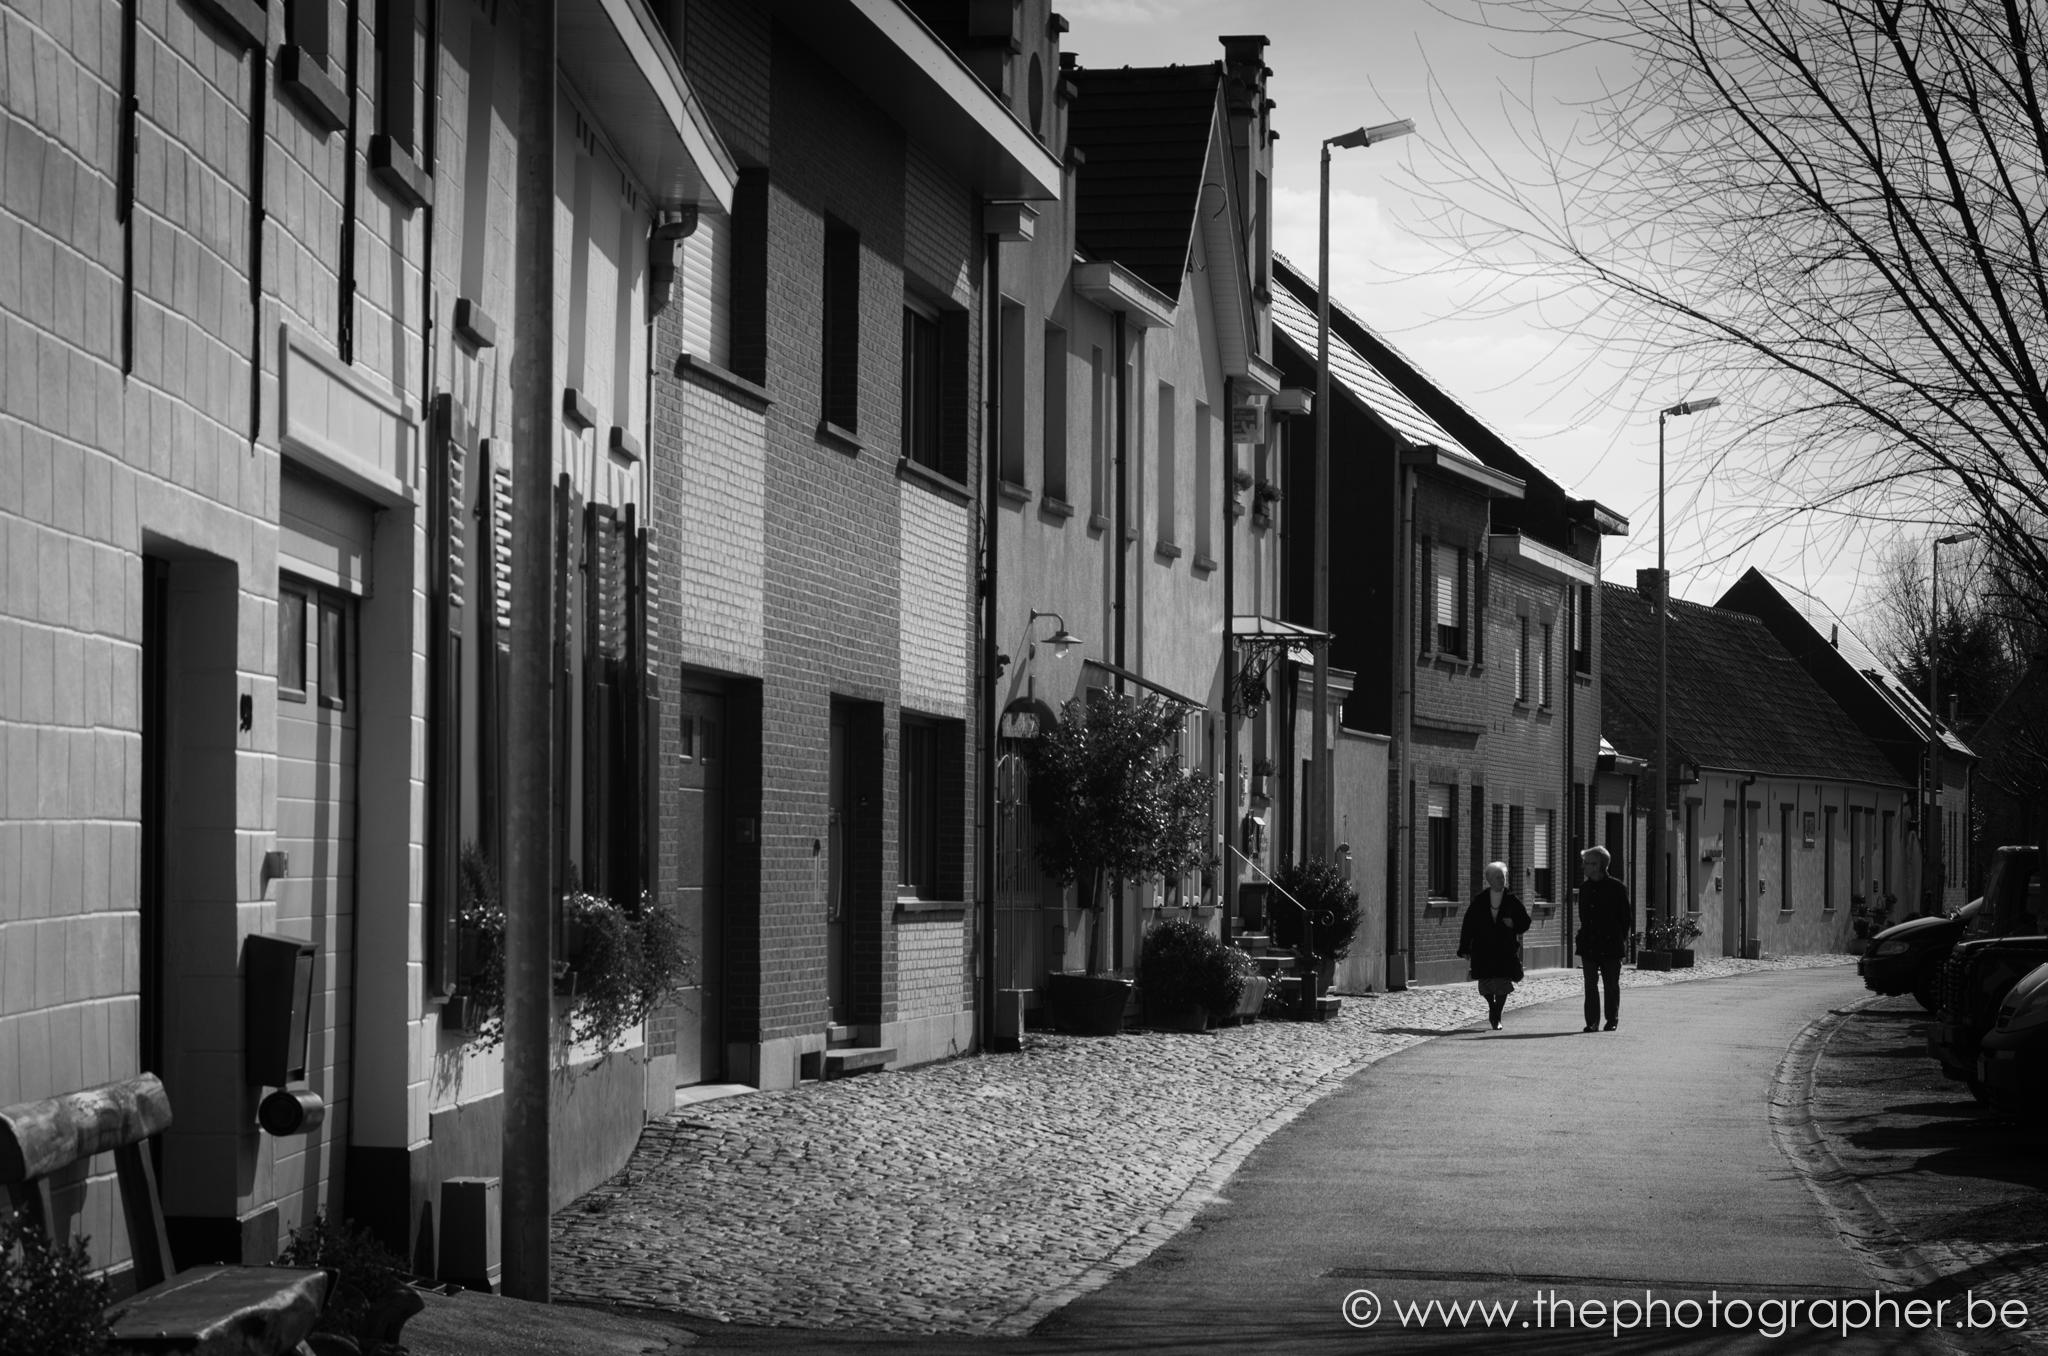 fotograaf landschap straat dorp sint amands zwartwit 20120311